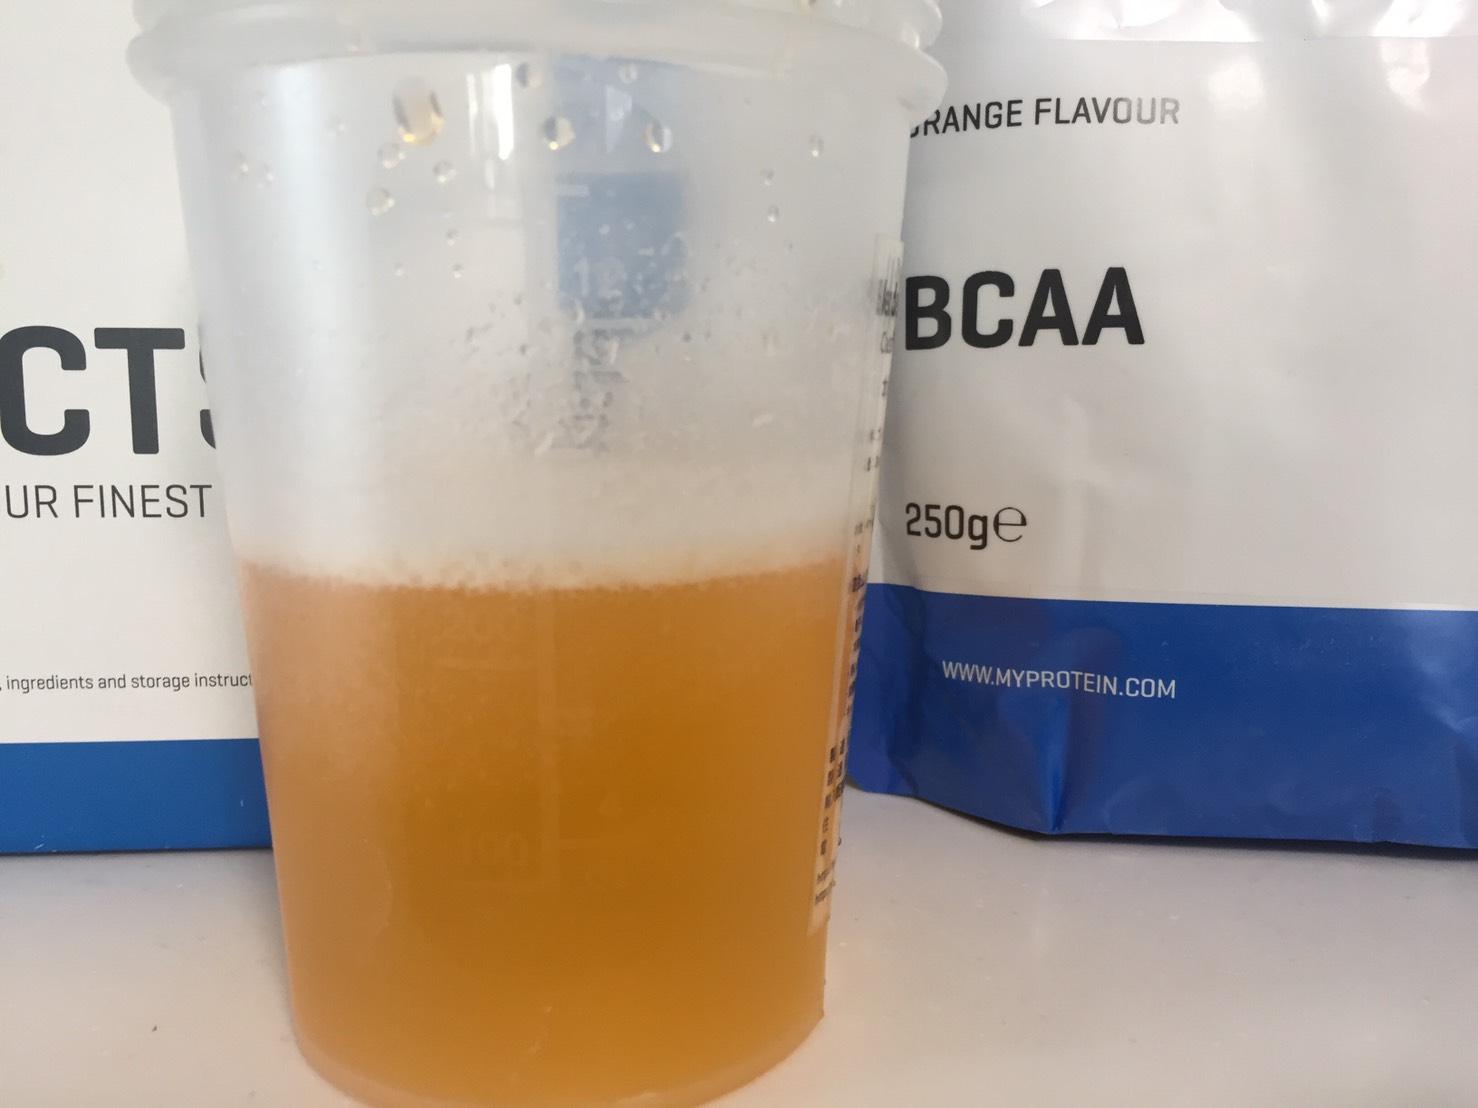 BCAA「オレンジ味(ORANGE FLAVOUR)」を横から撮影した様子